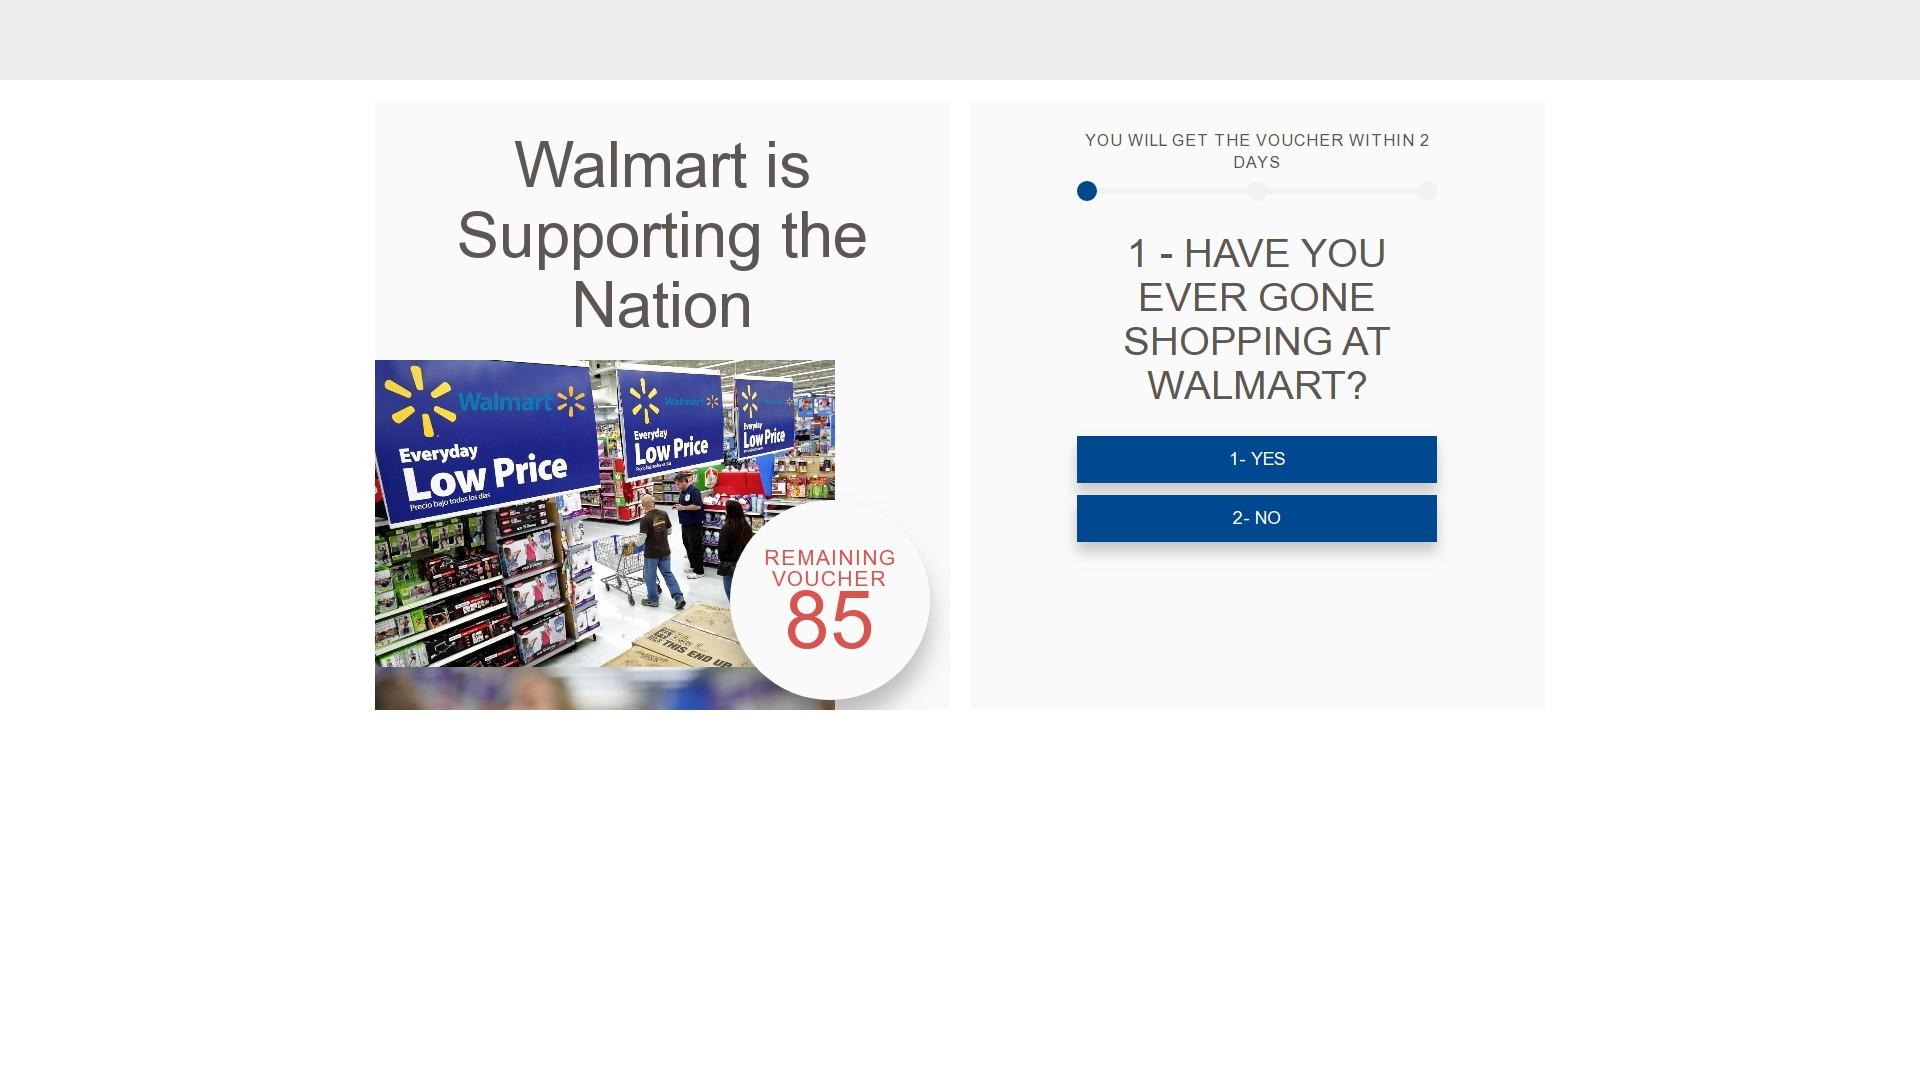 Walmart Free Coupon $250 Coronavirus Pandemic WhatsApp Scam